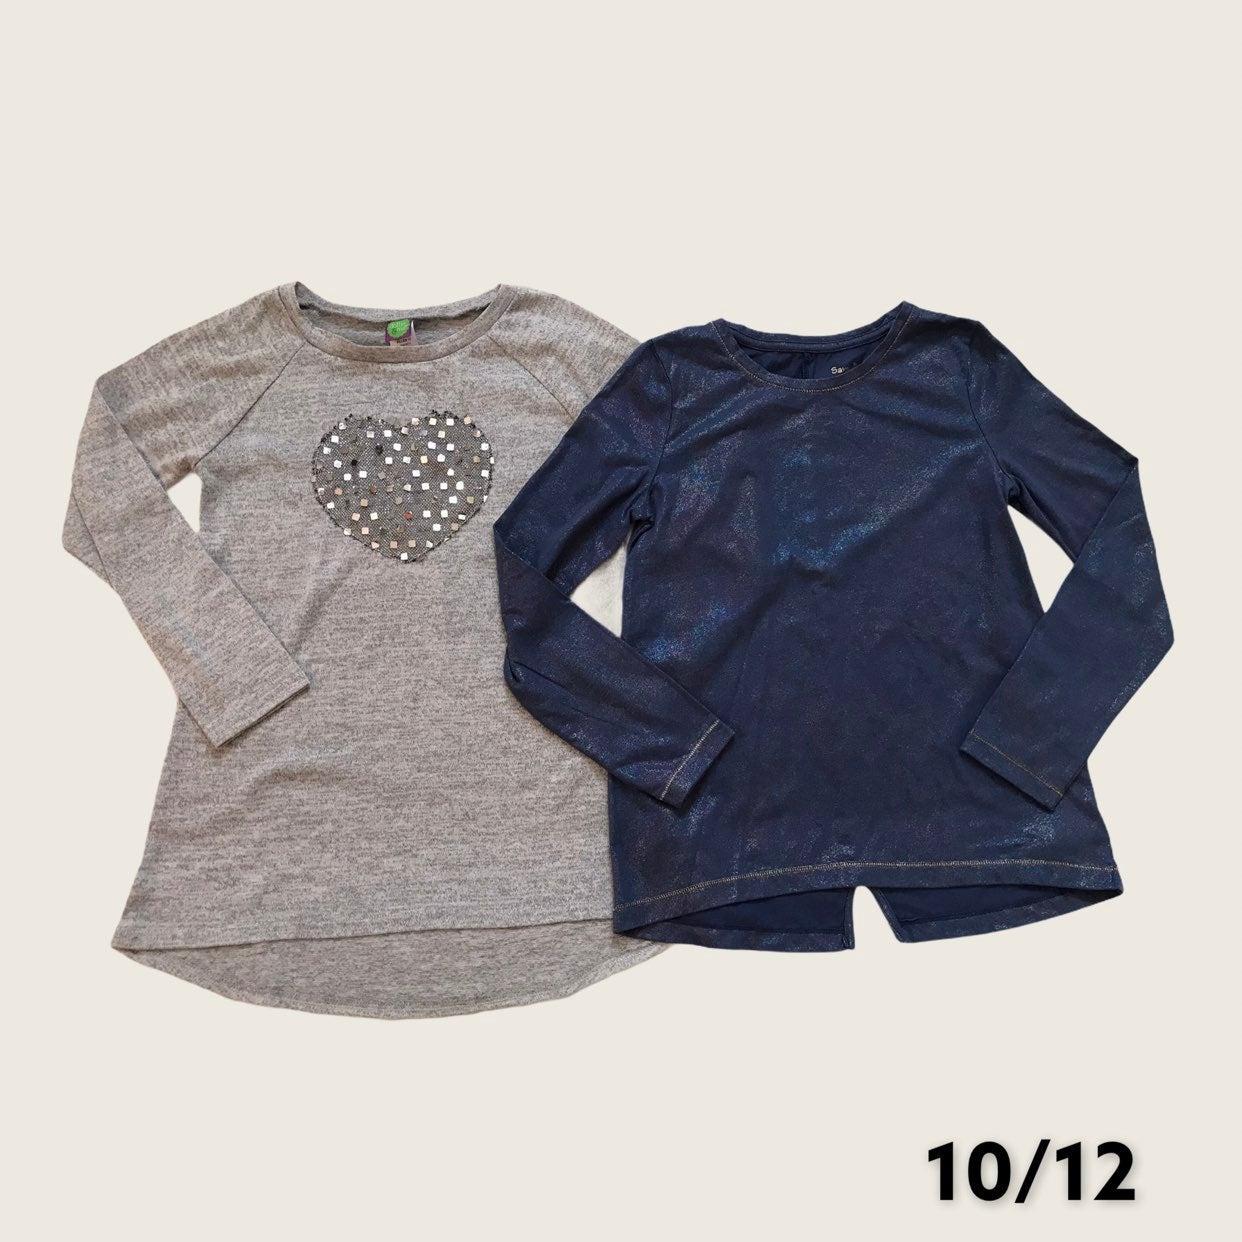 Dollie & Me / Savannah shirts bundle